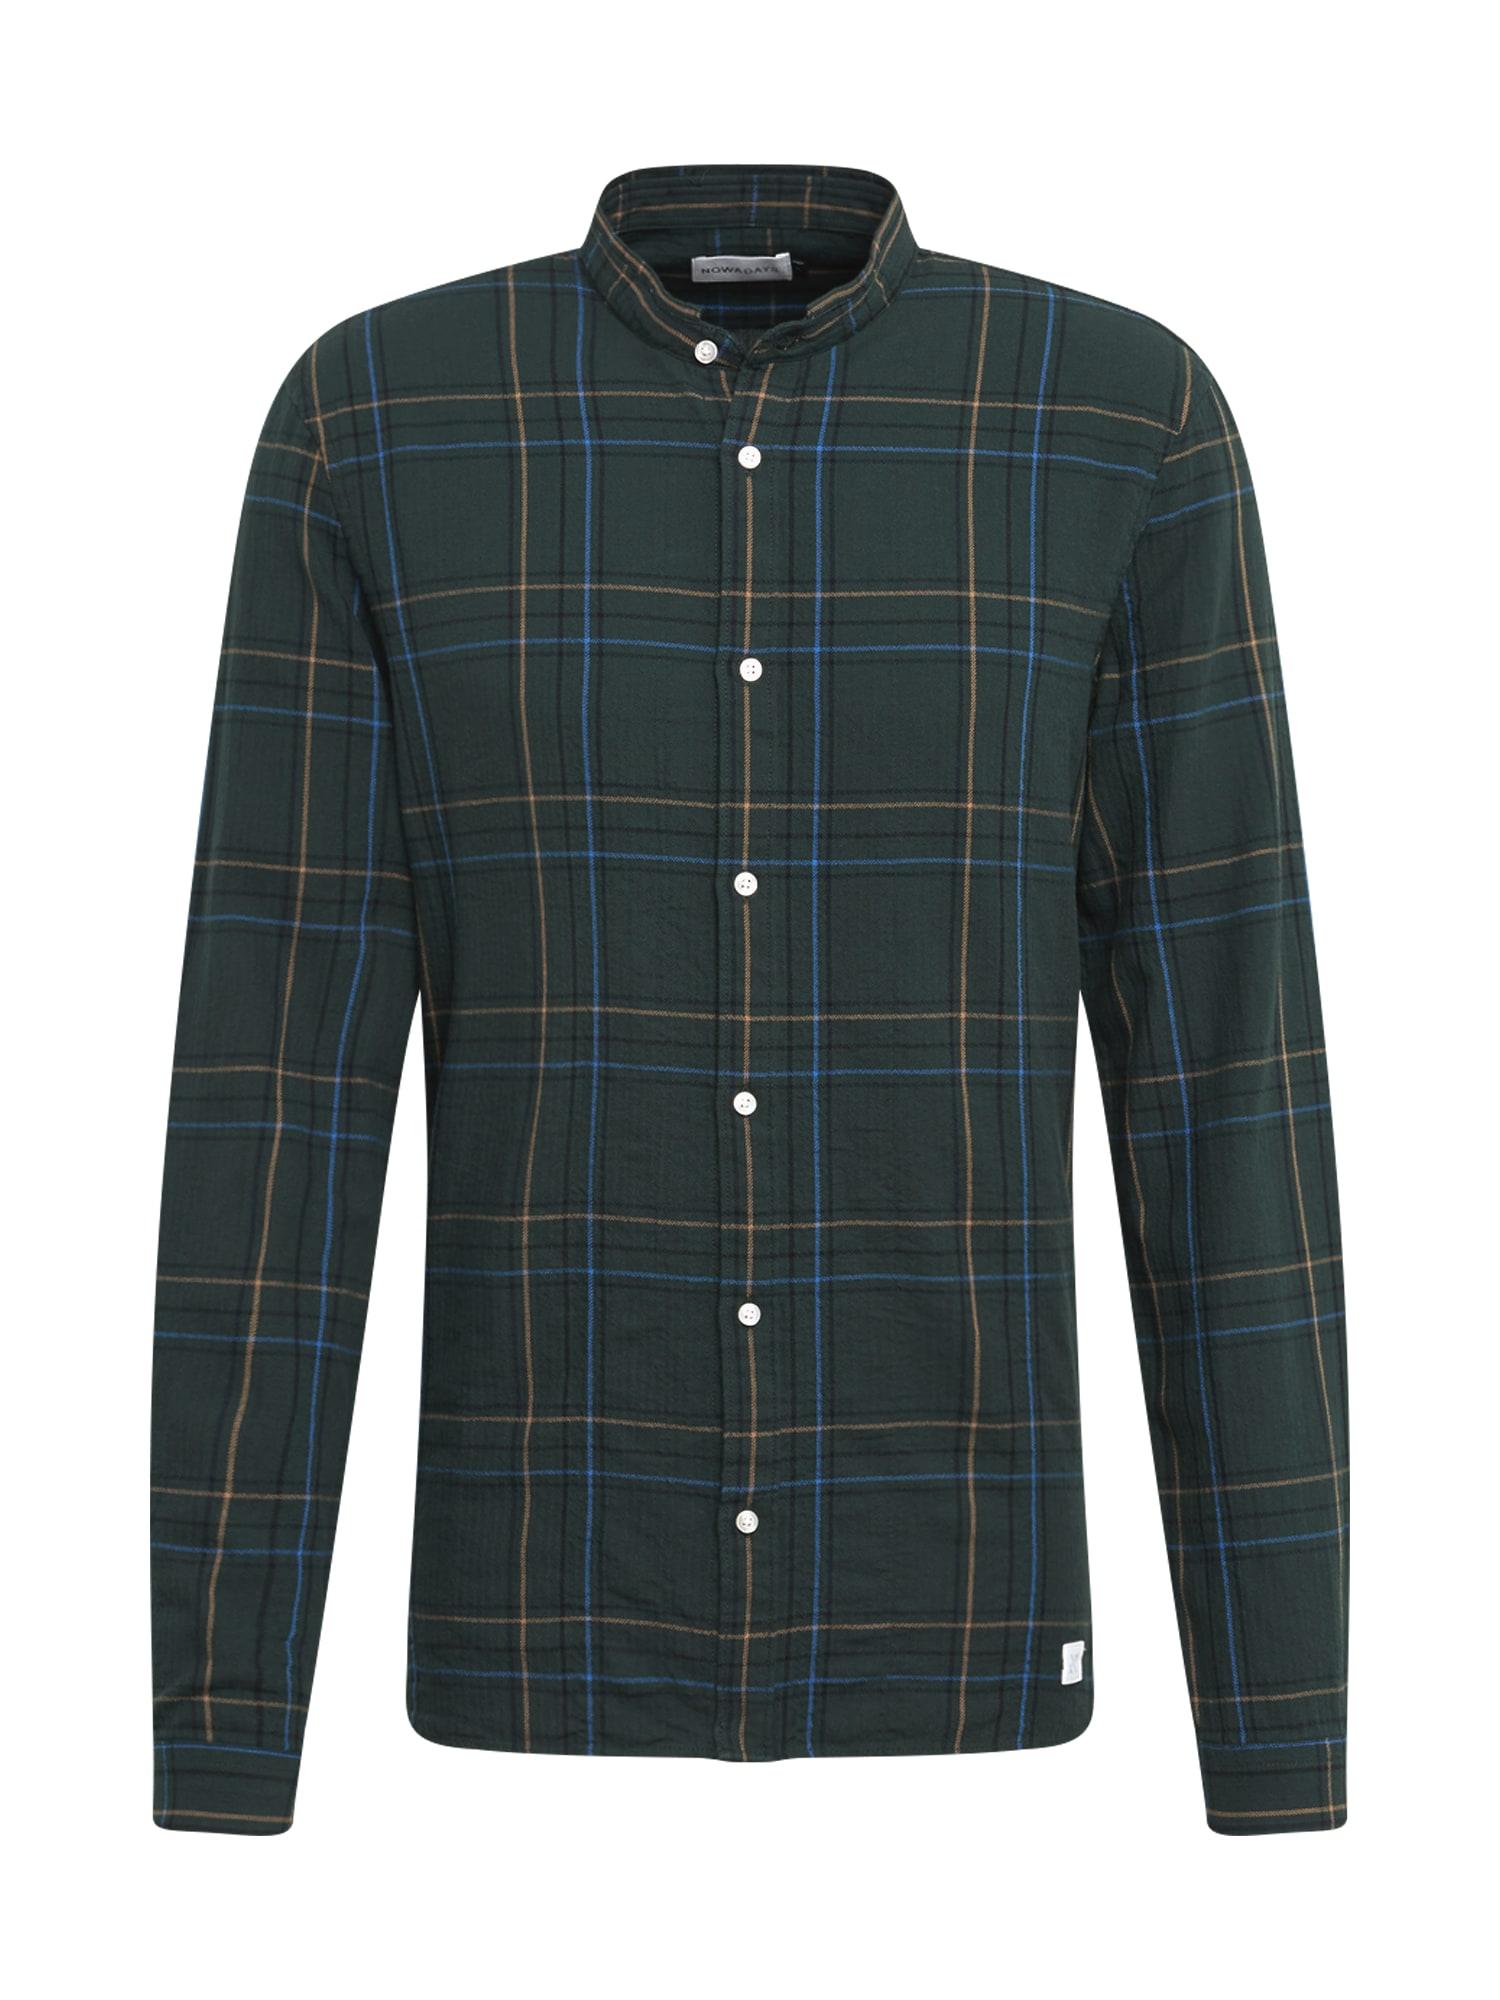 Košile grandad check shirt tmavě zelená NOWADAYS